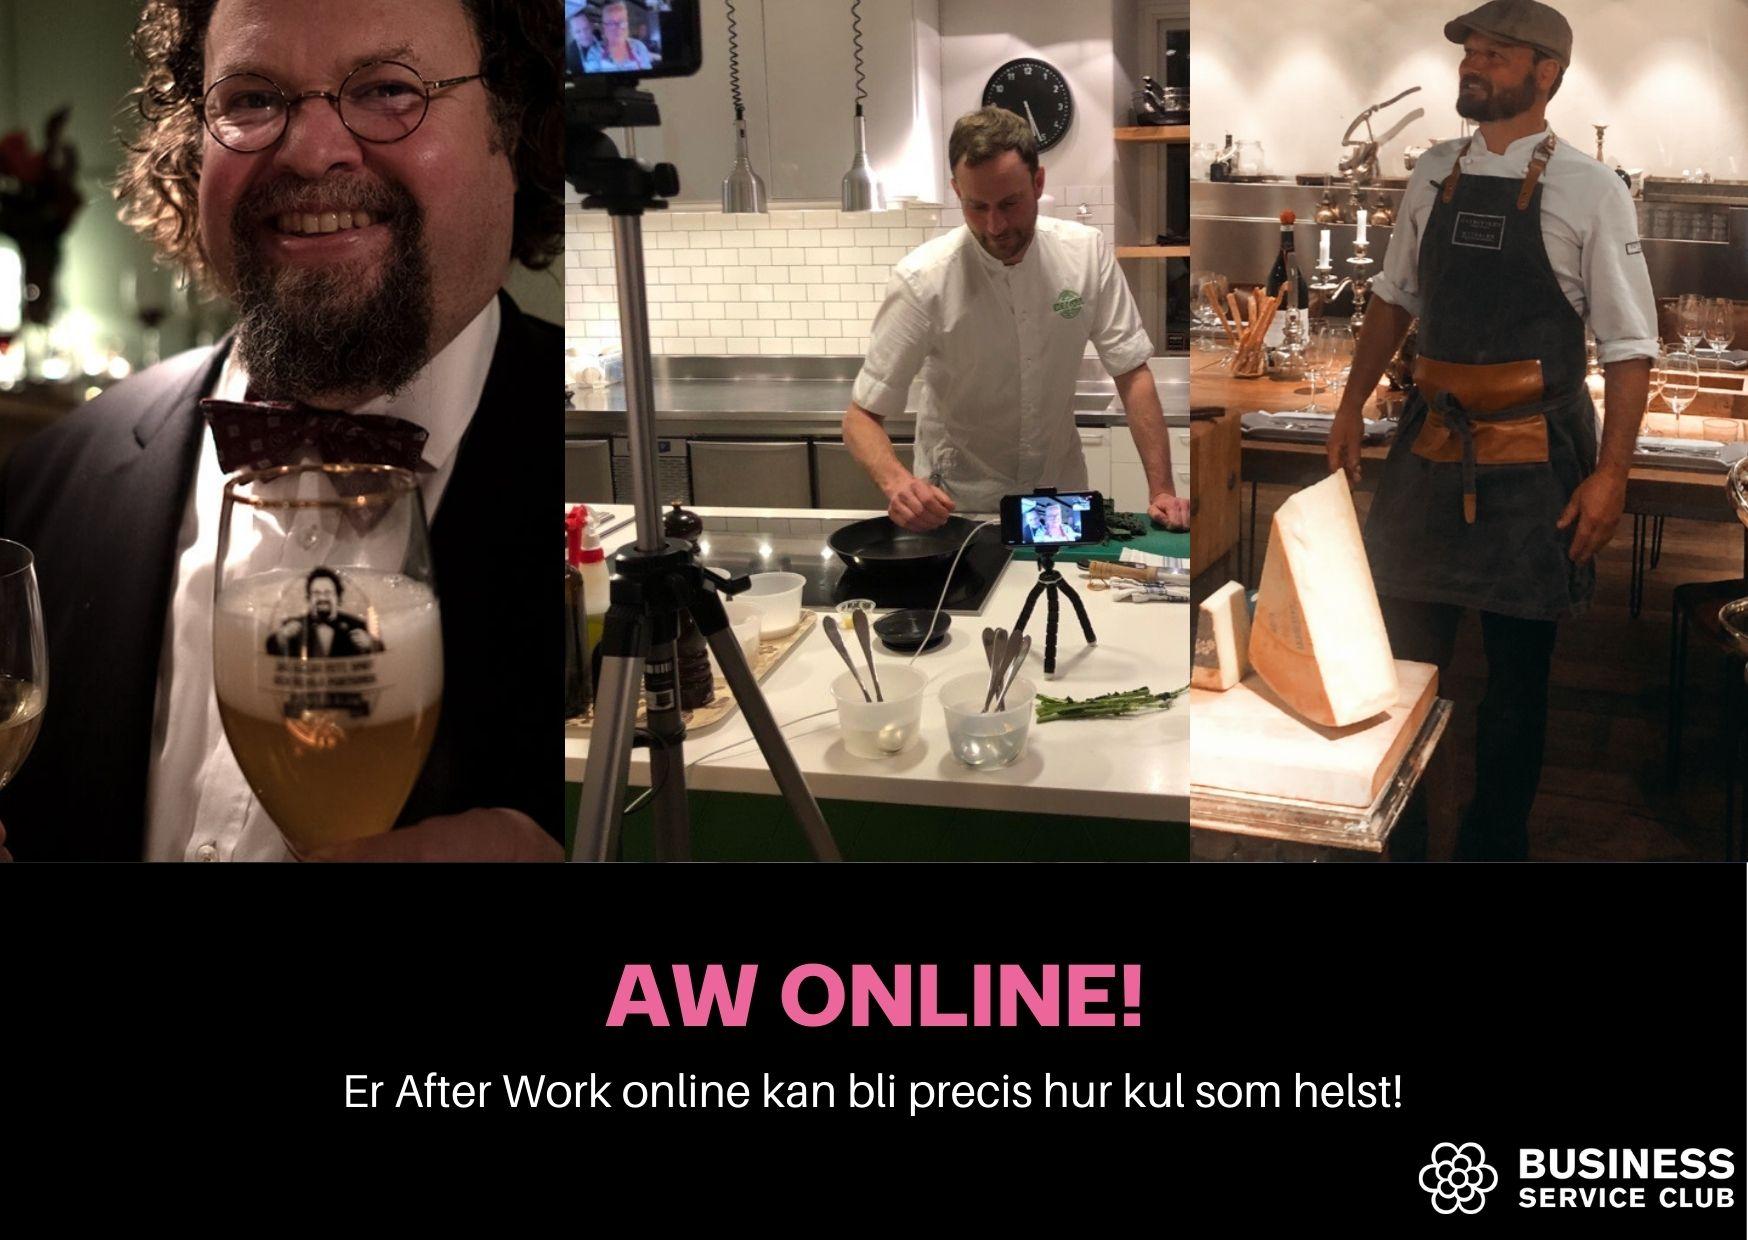 Dags för AW online